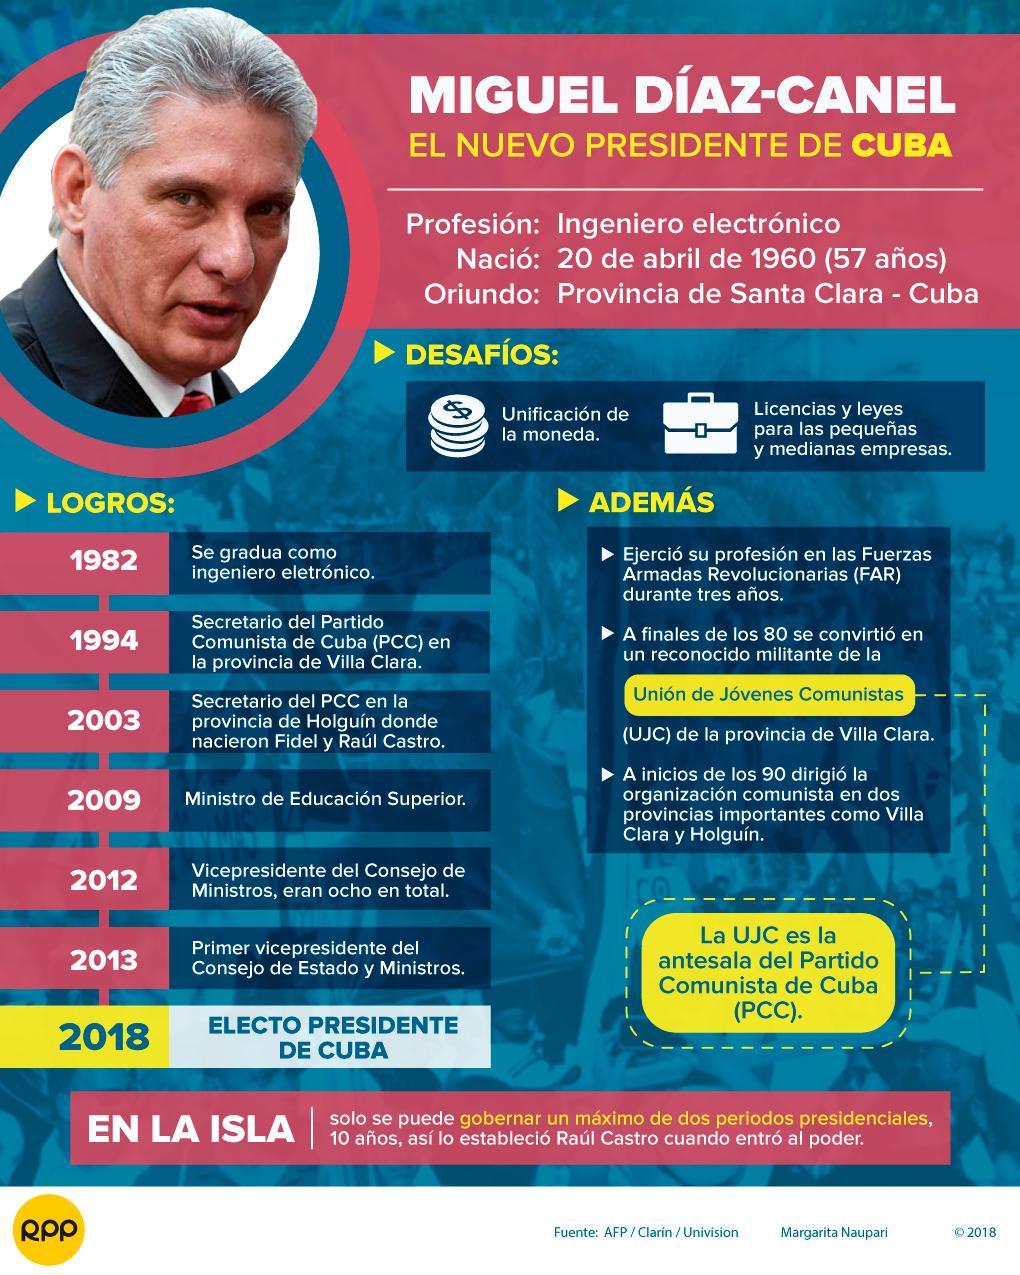 Miguel Díaz-Canel, el sucesor de Raúl Castro como presidente de Cu